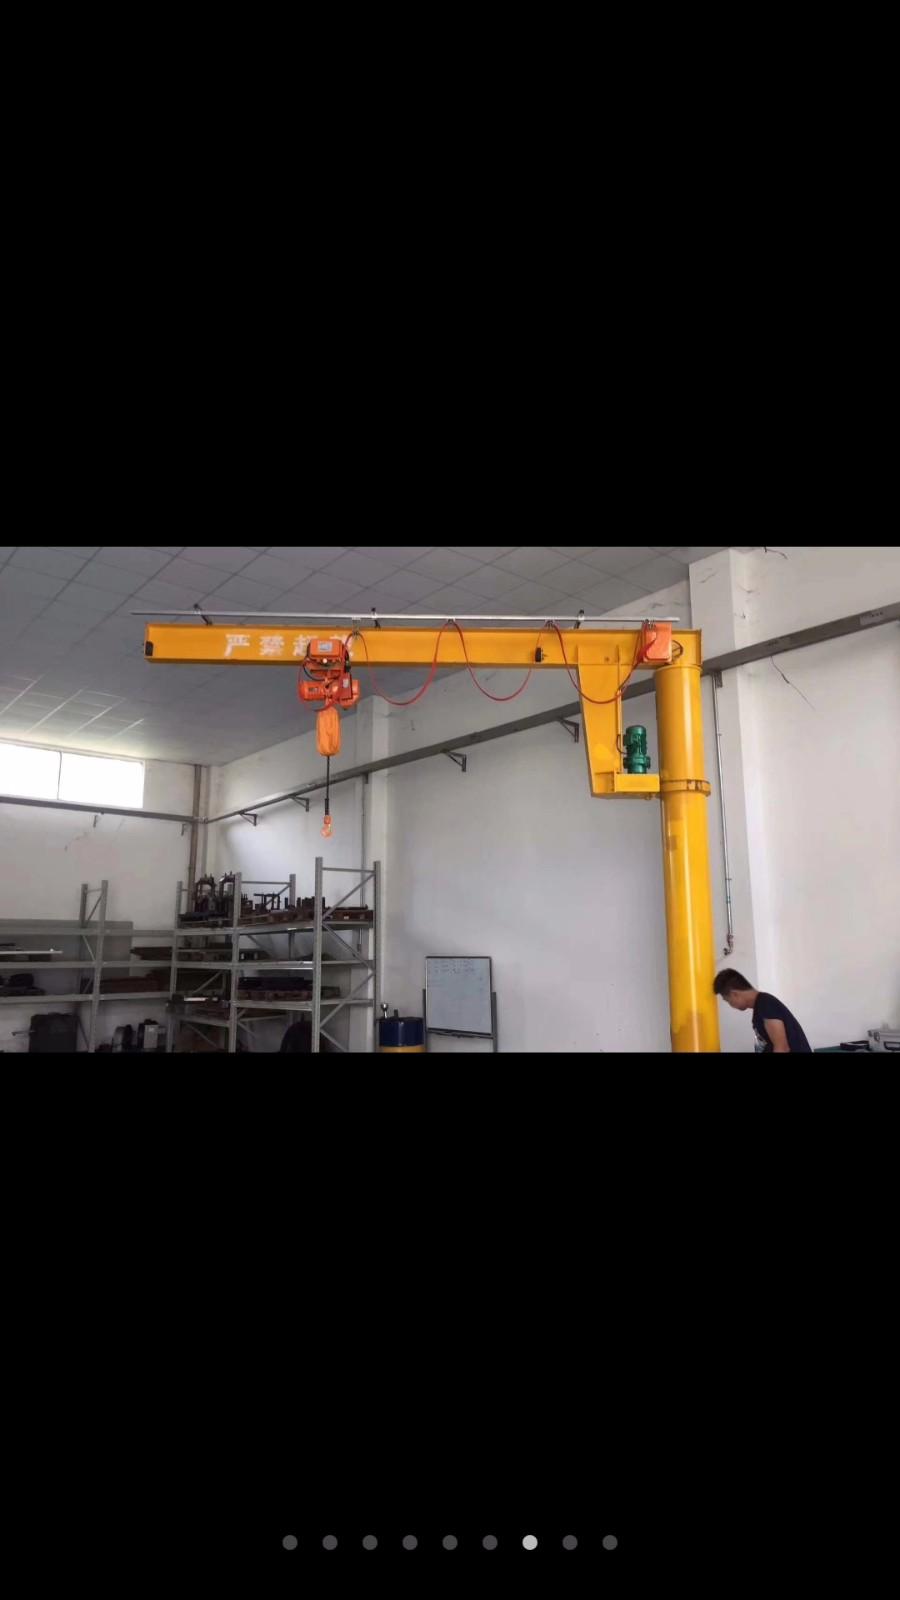 南昌起重设备-悬臂吊|厂家直销15180193900